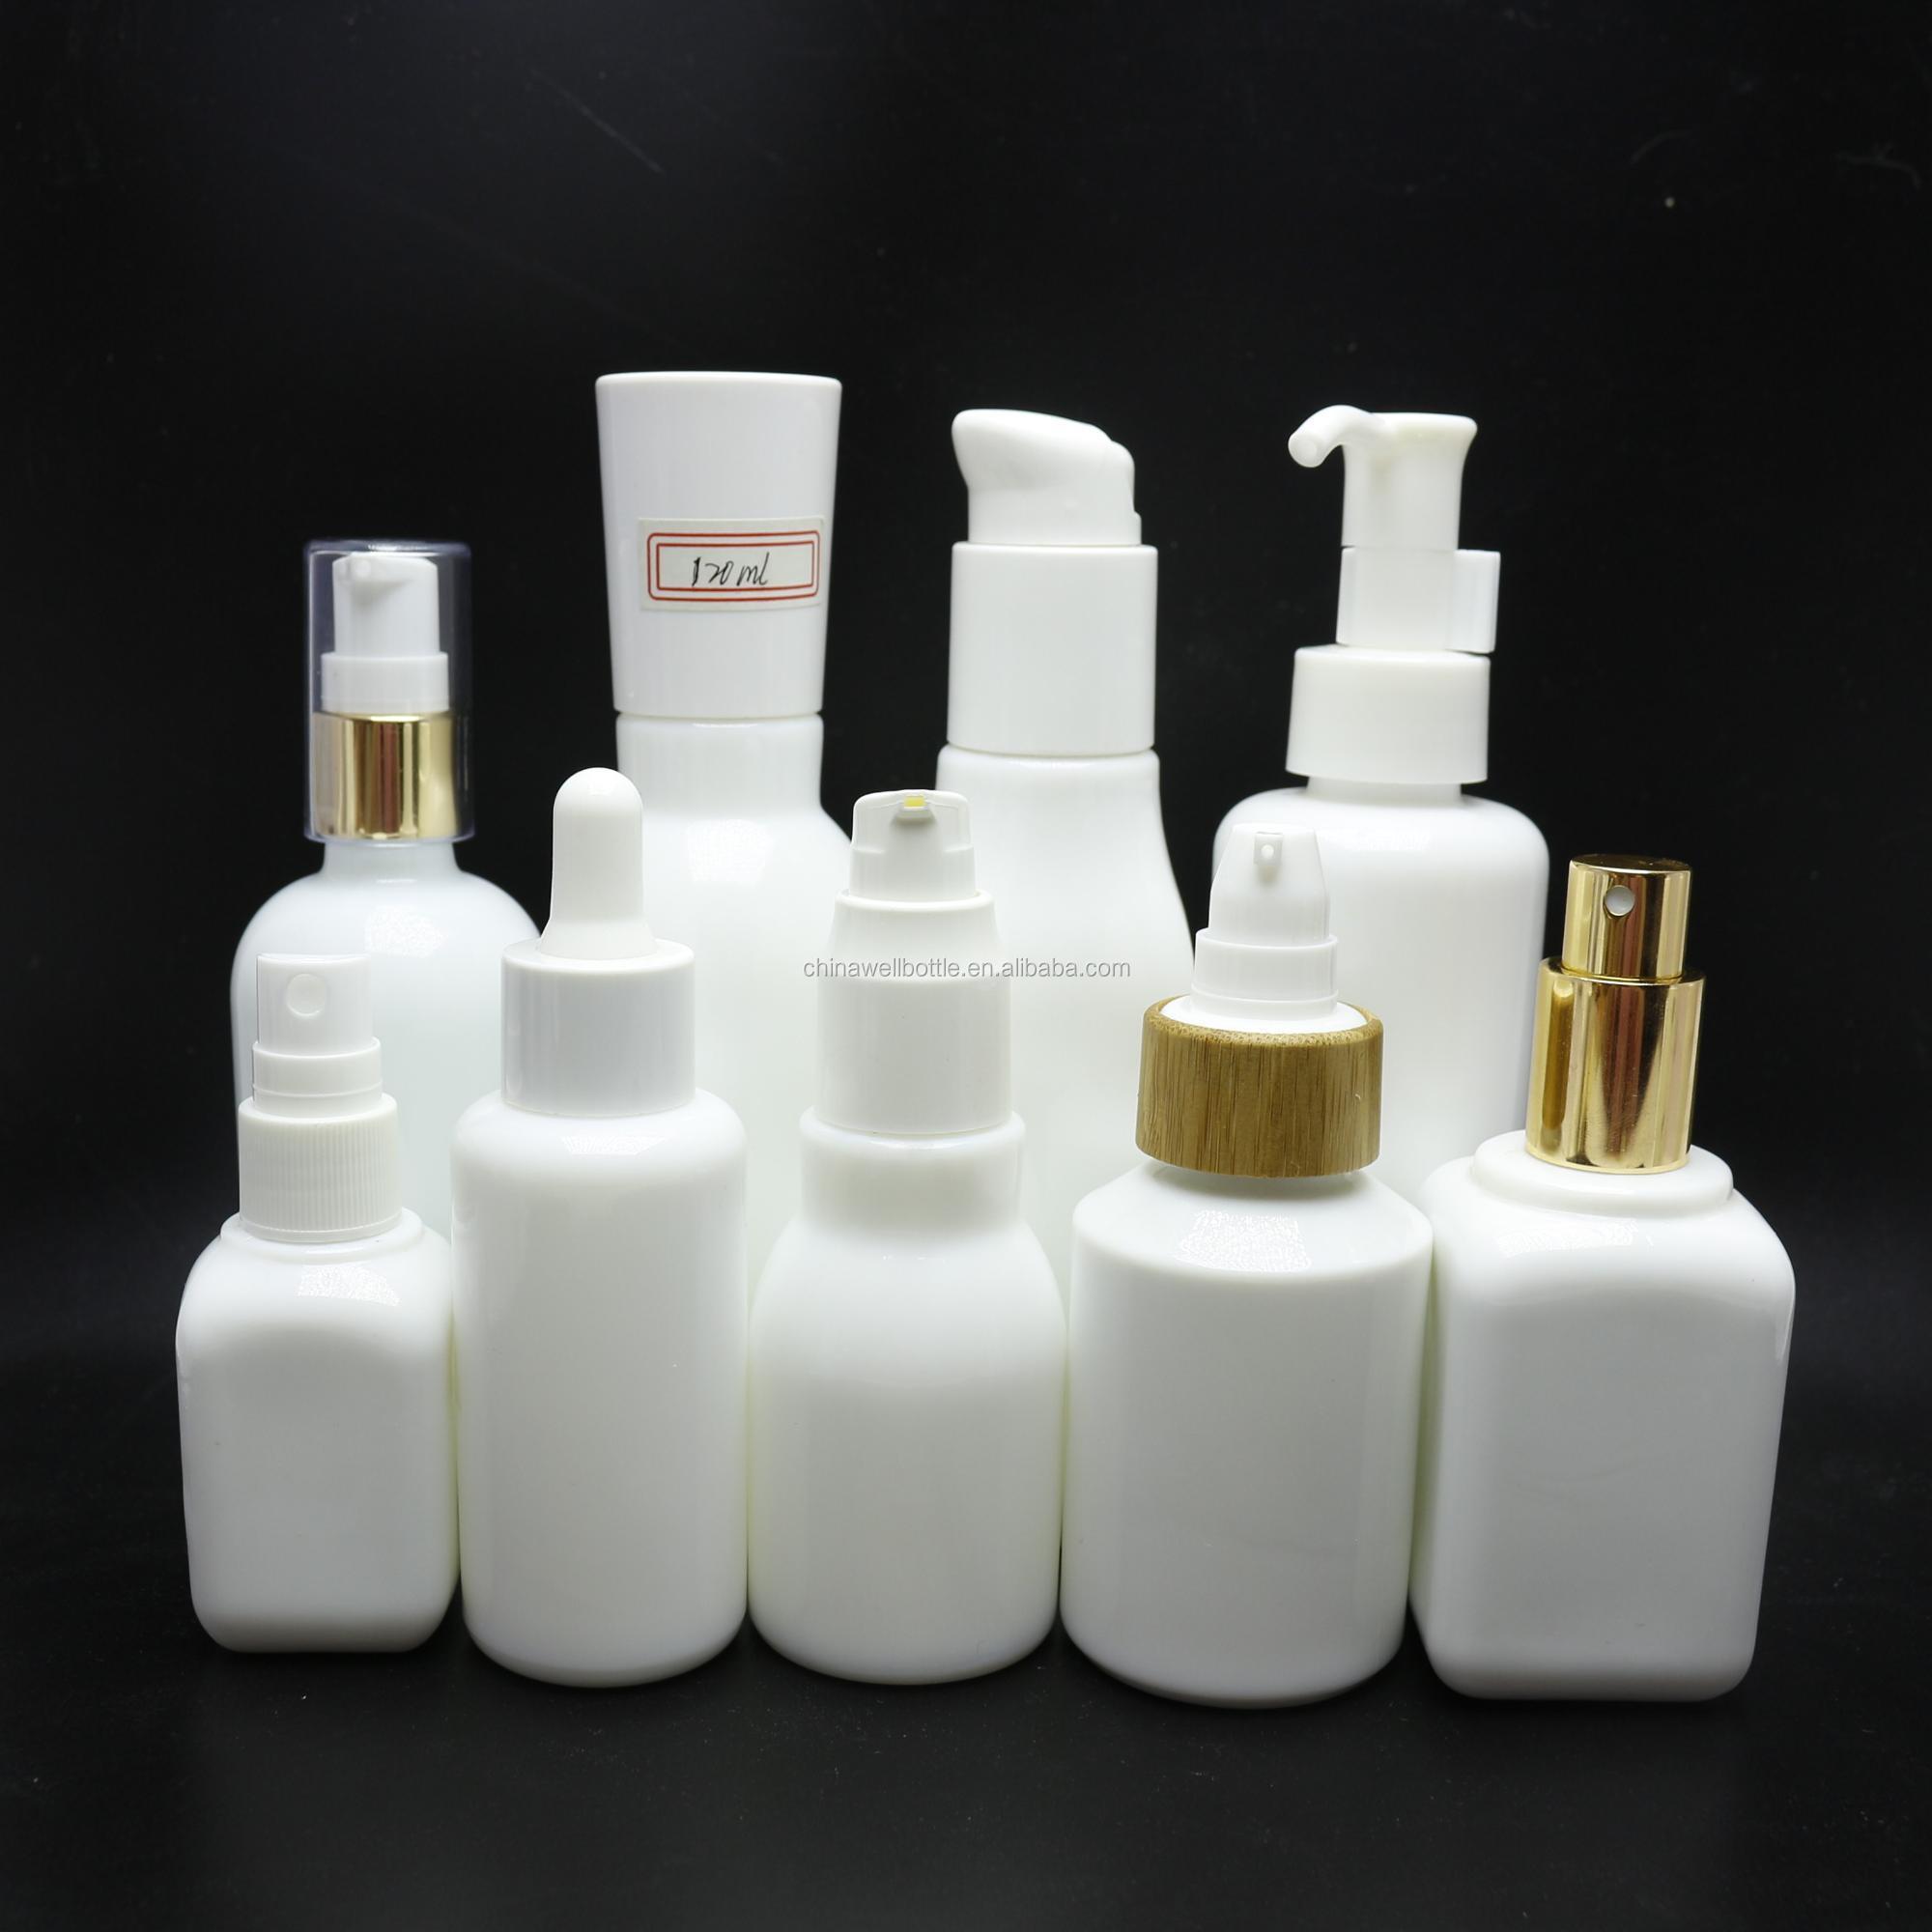 10 ml खाली ग्रीन कांच की शीशी रोल पर बोतल के लिए आवश्यक तेल GRB-307C